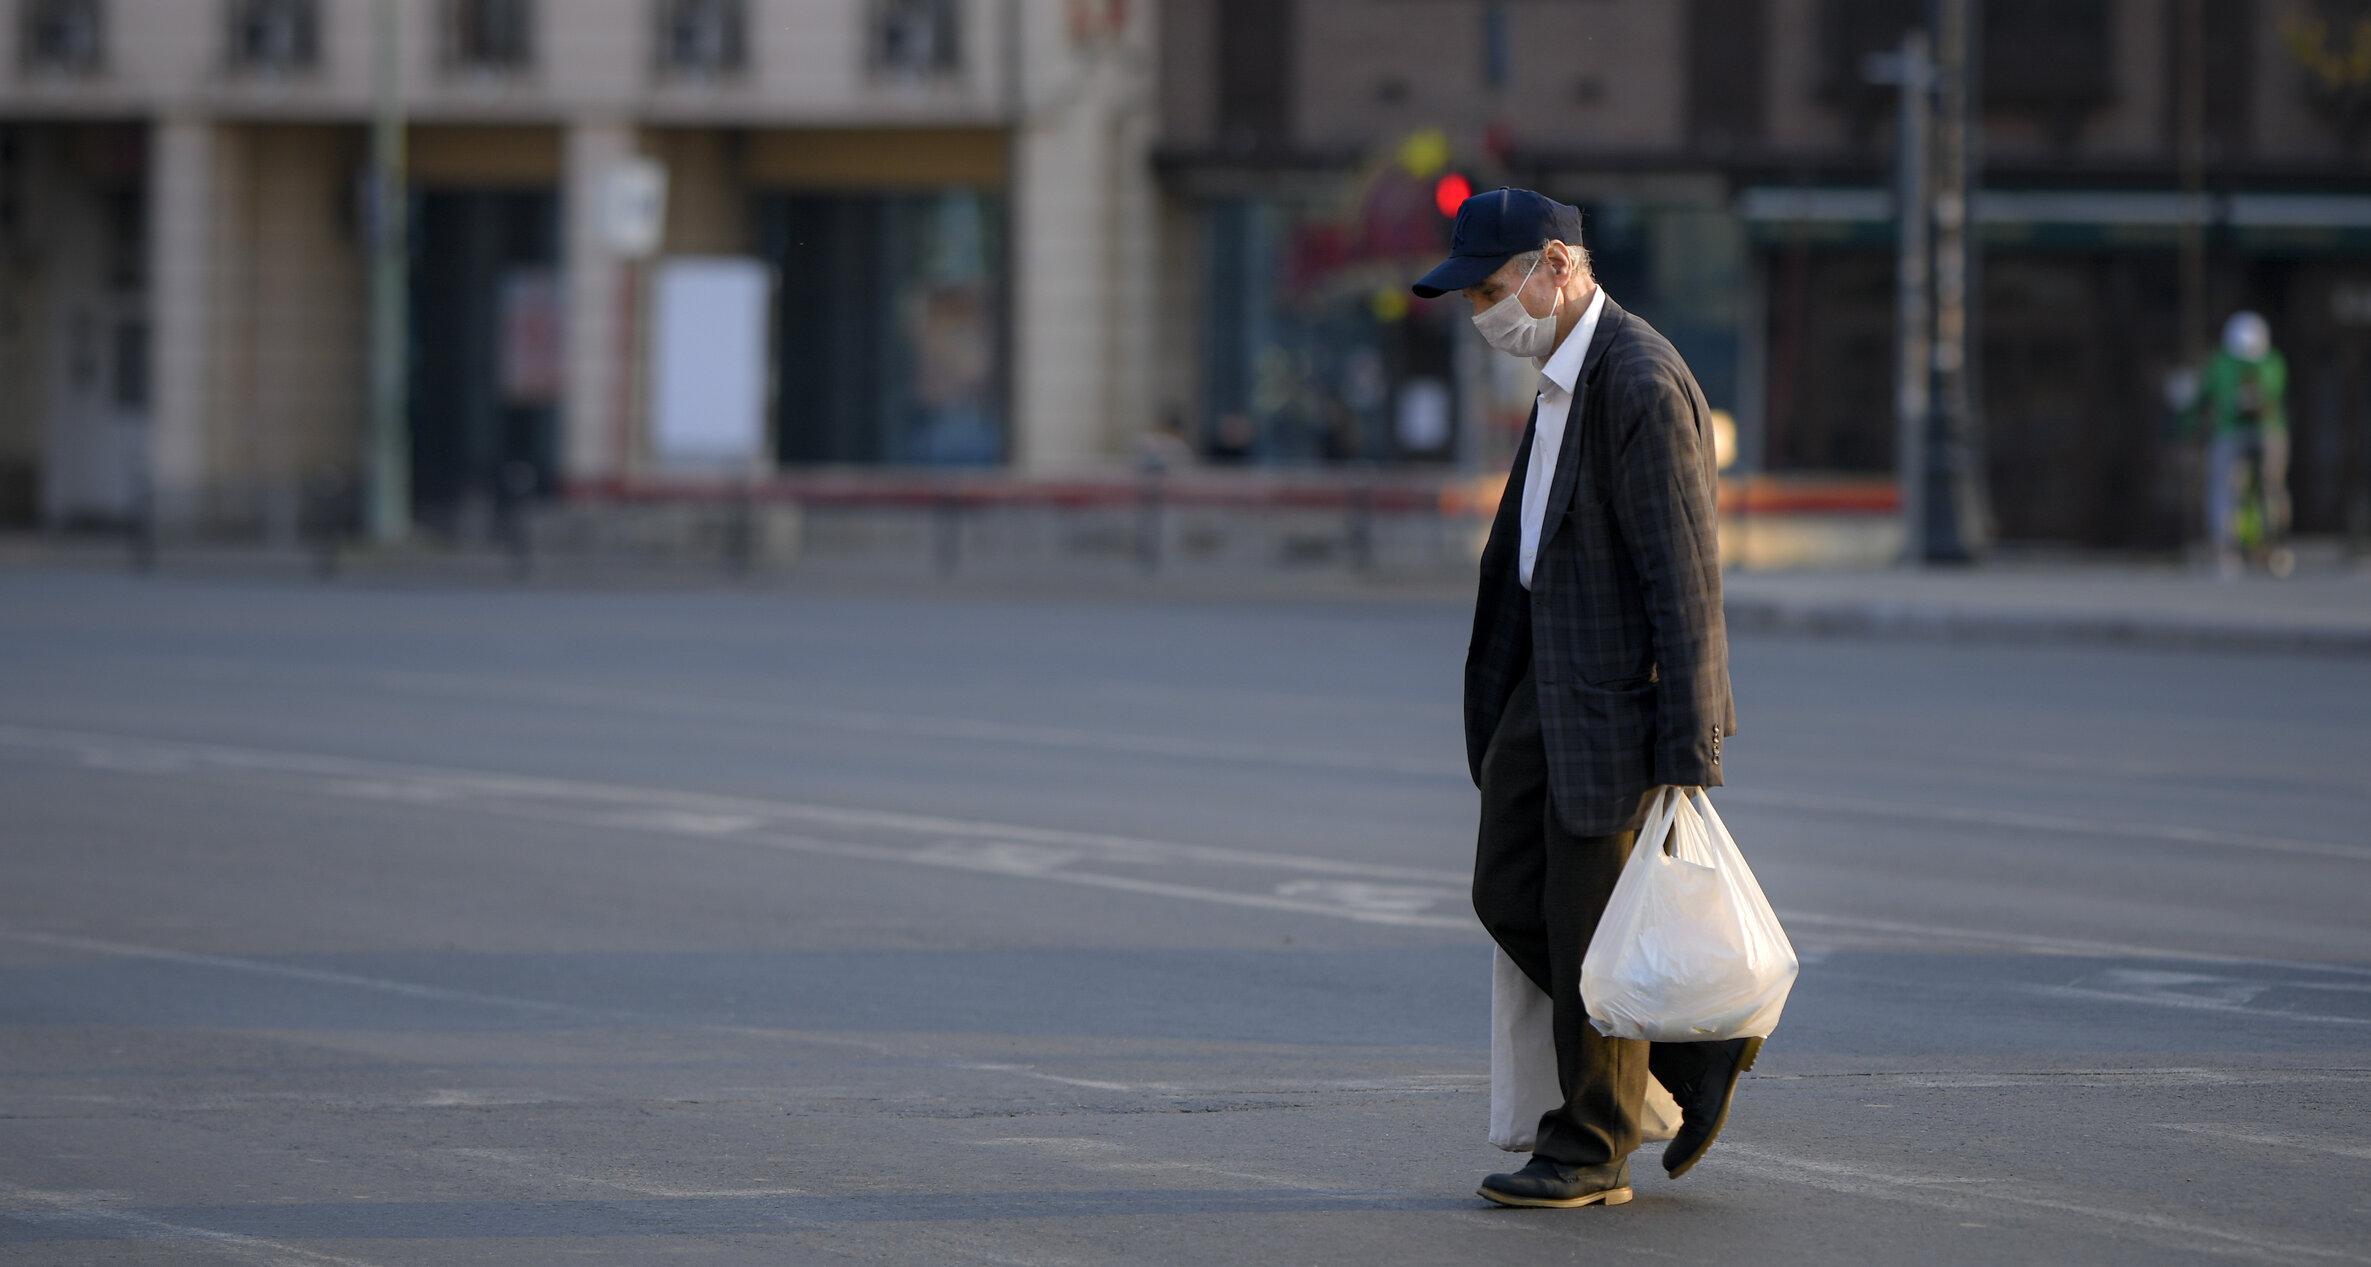 București| Rata de incidență a depășit 6 la mie. Capitala ar putea fi carantinată